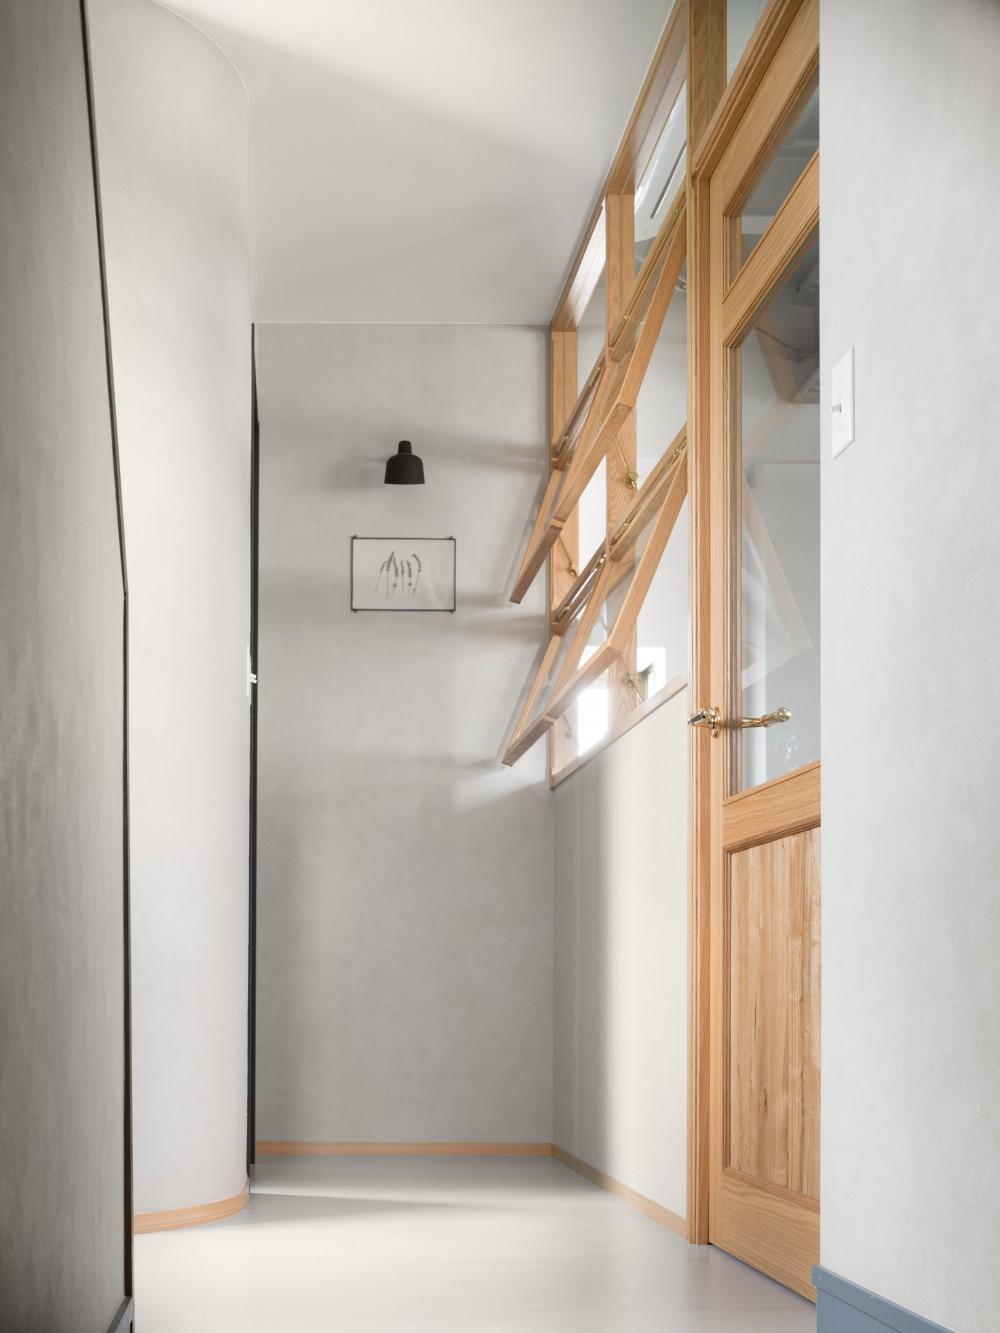 S house (廊下)